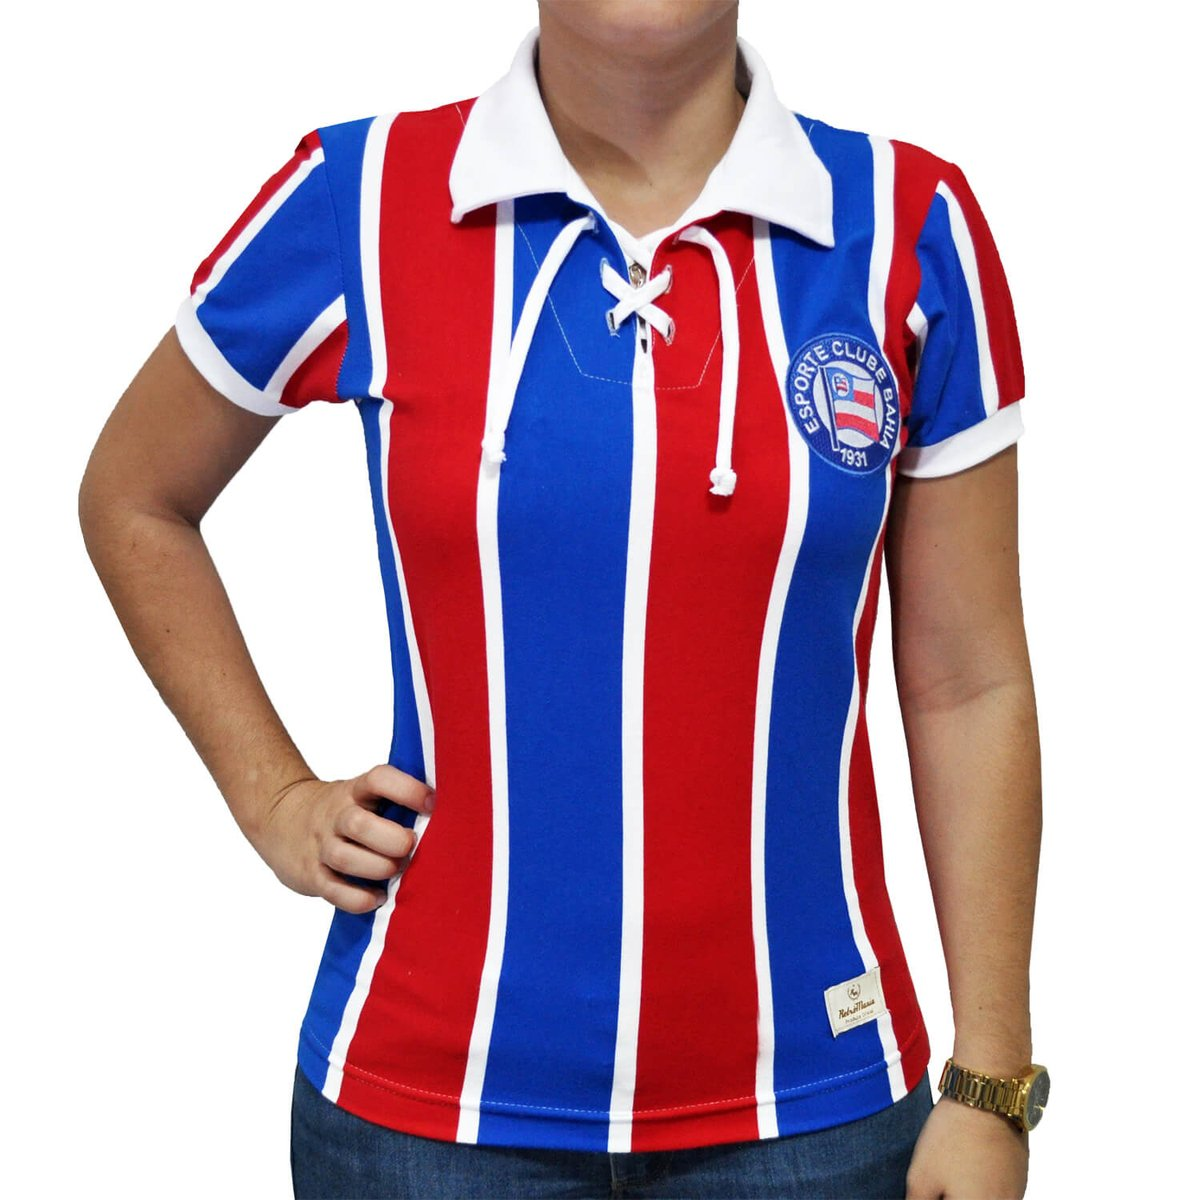 Azul e EC Bahia Camisa Retrô Vermelho Cordinha Feminina Mania HqwYw7g